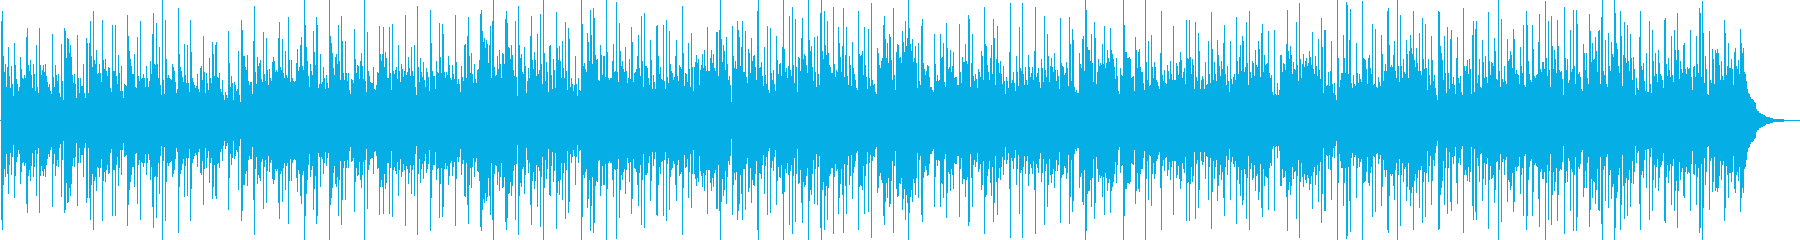 アコースティックギターで始まるBGMの再生済みの波形